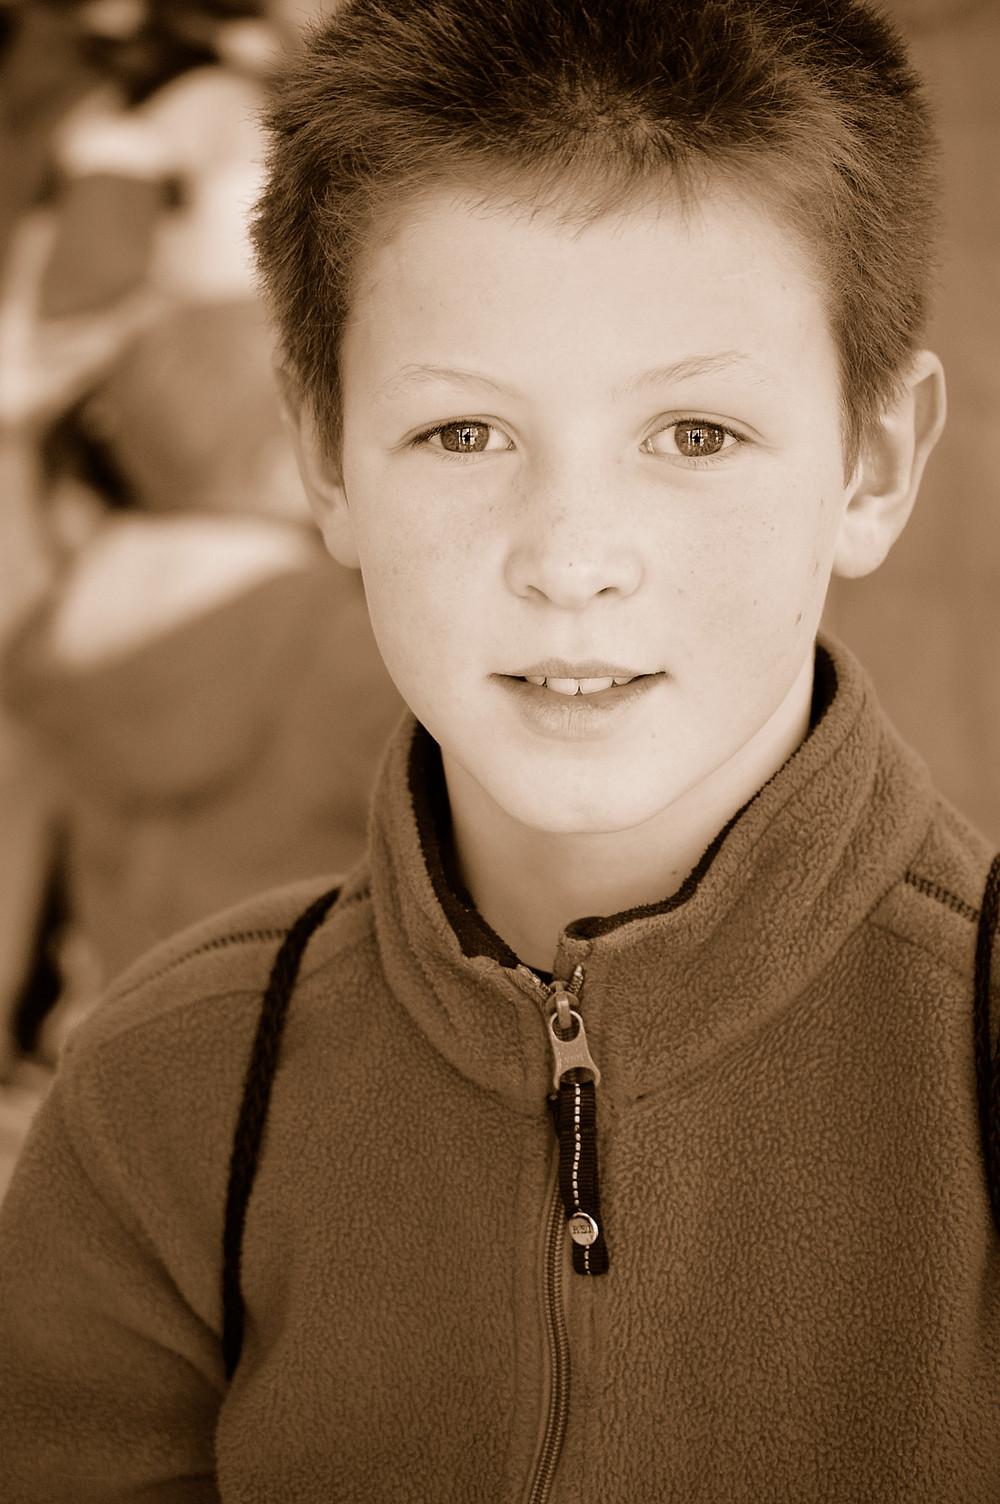 Colin, age 10